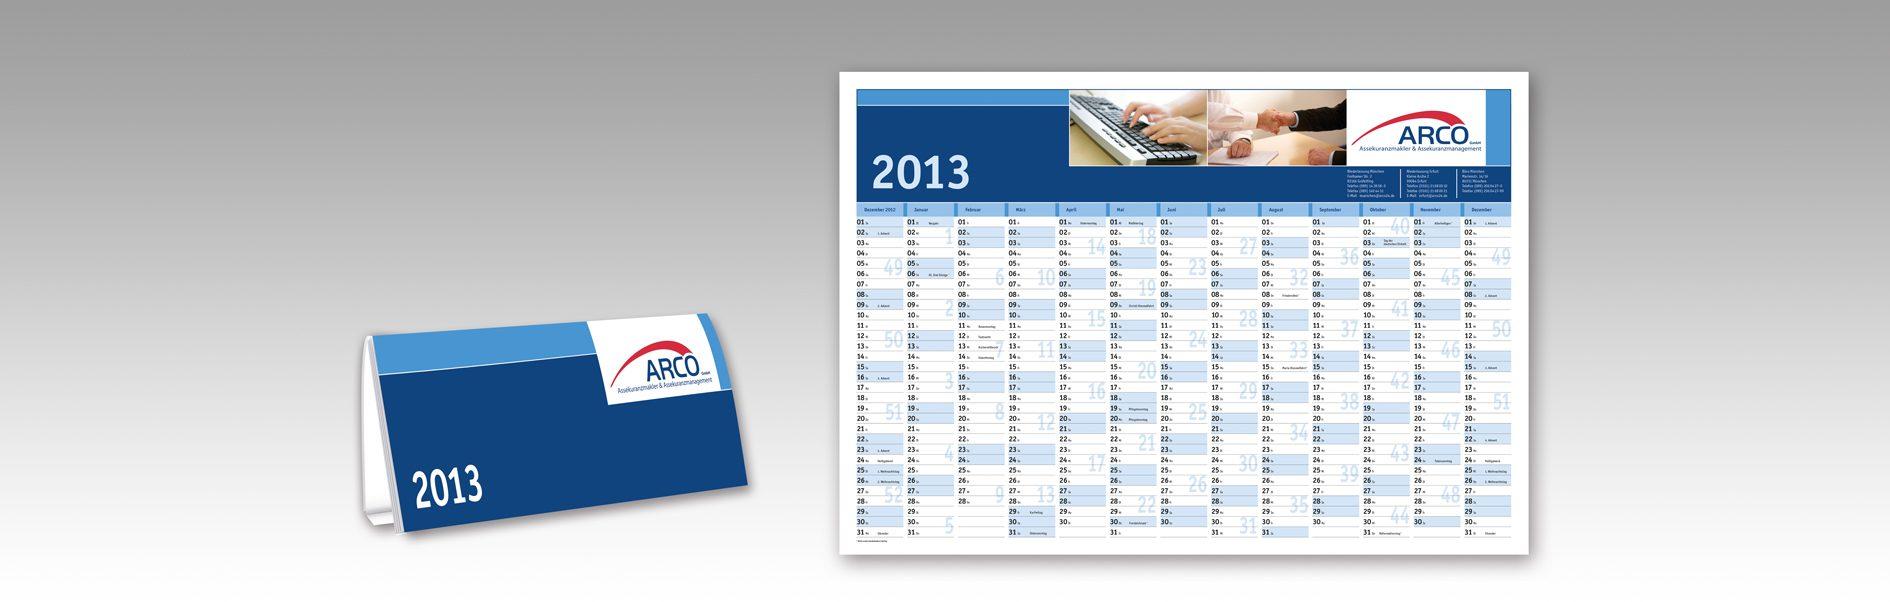 Hier ist der Arco Tisch- und Wandkalender von 2013 zu sehen.